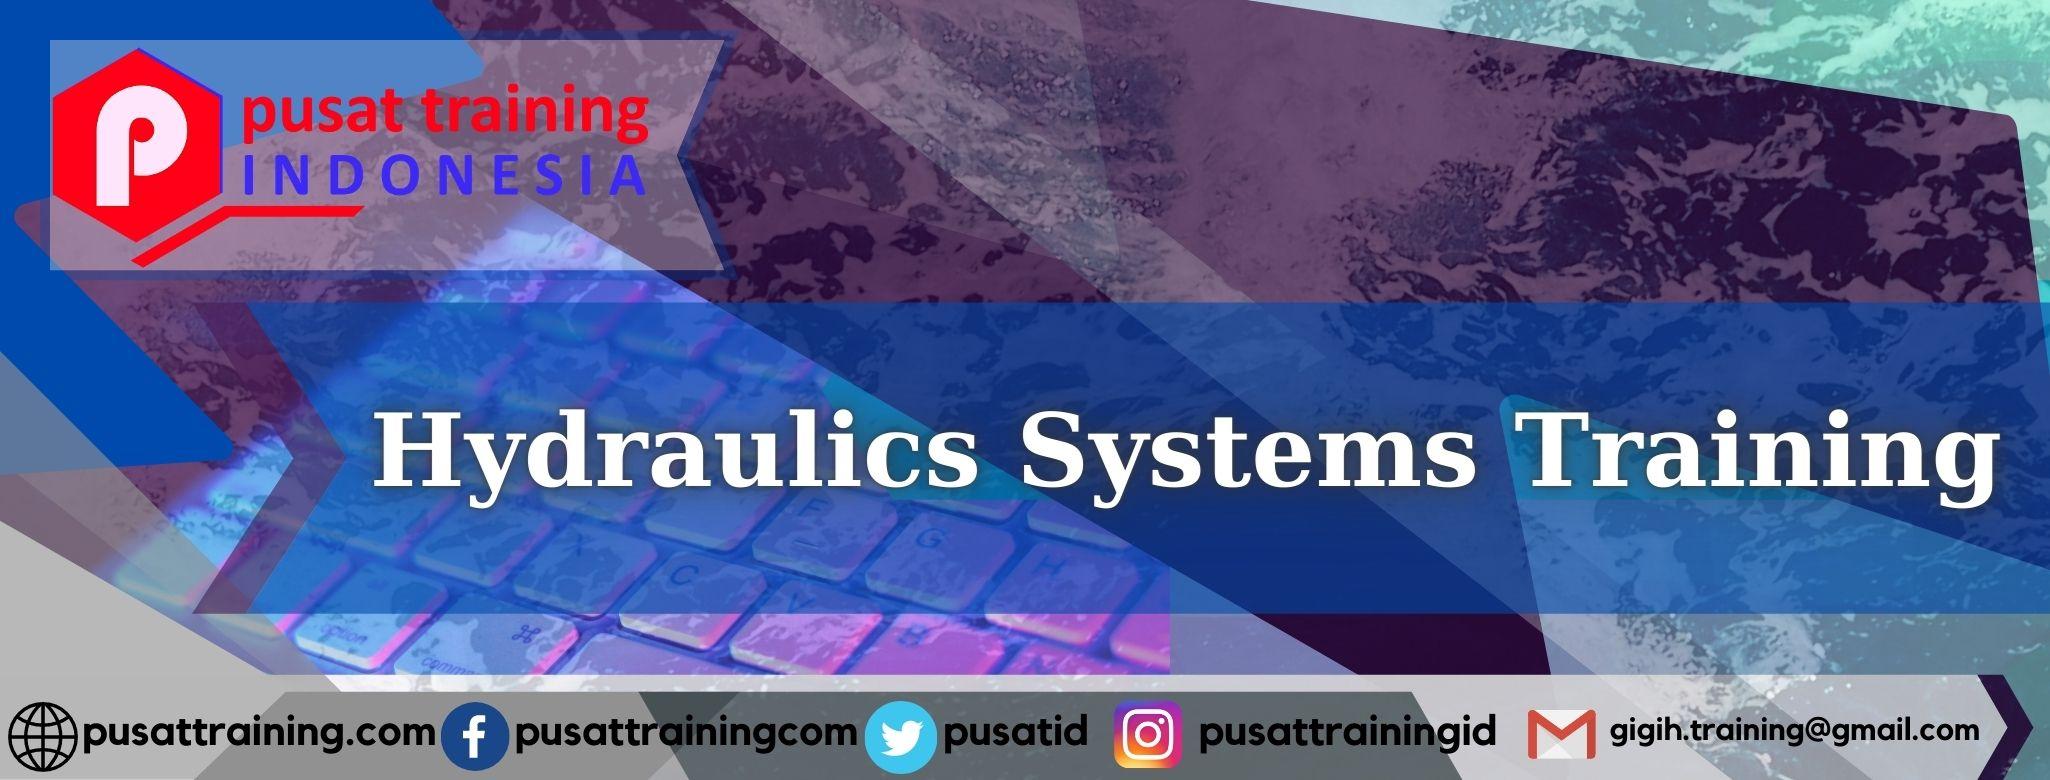 Hydraulics-Systems-Training